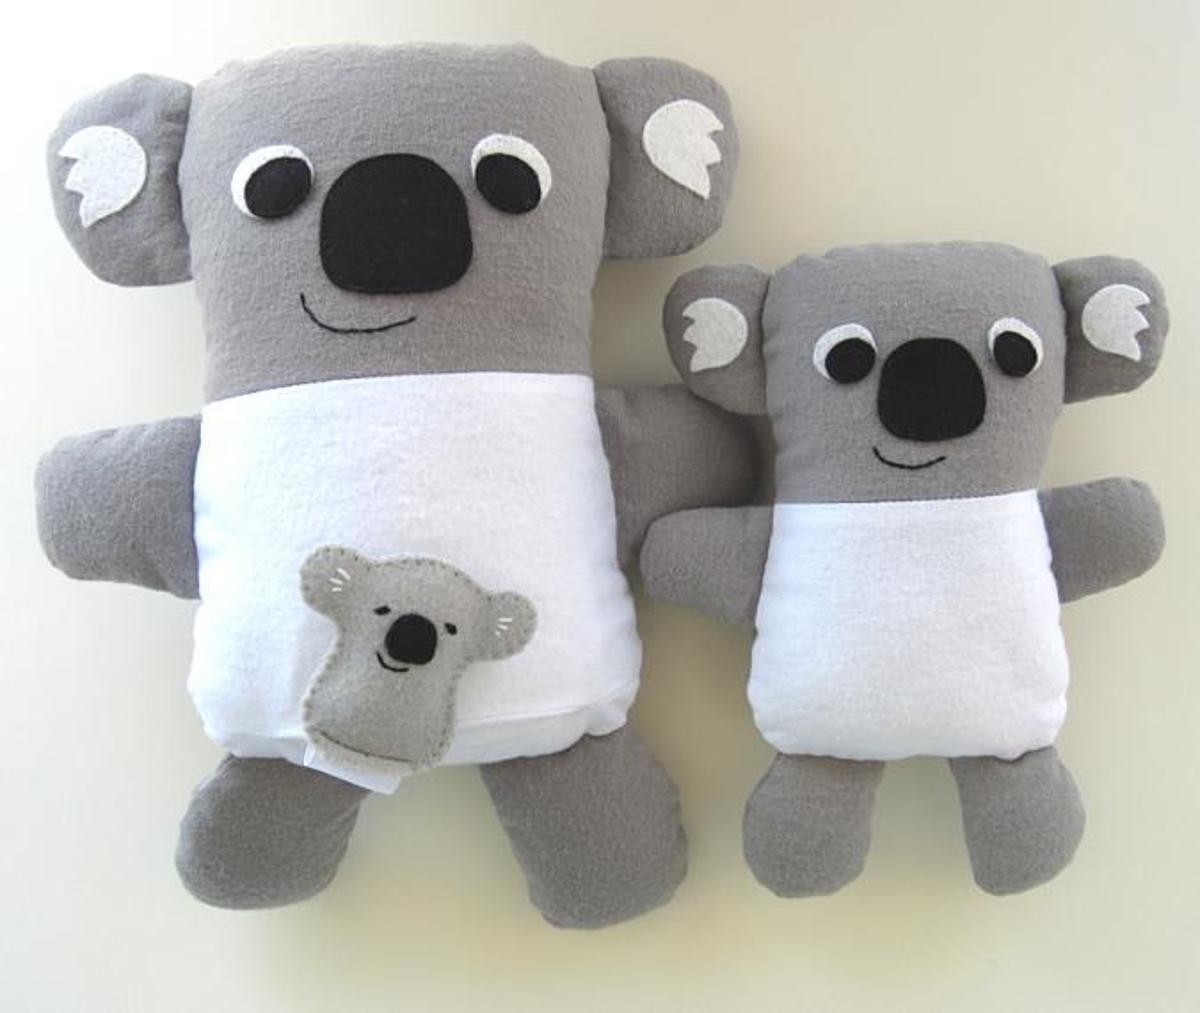 Stuffed koala toys pdf sewing pattern pdf sewing patterns stuffed koala toys pdf sewing pattern jeuxipadfo Choice Image